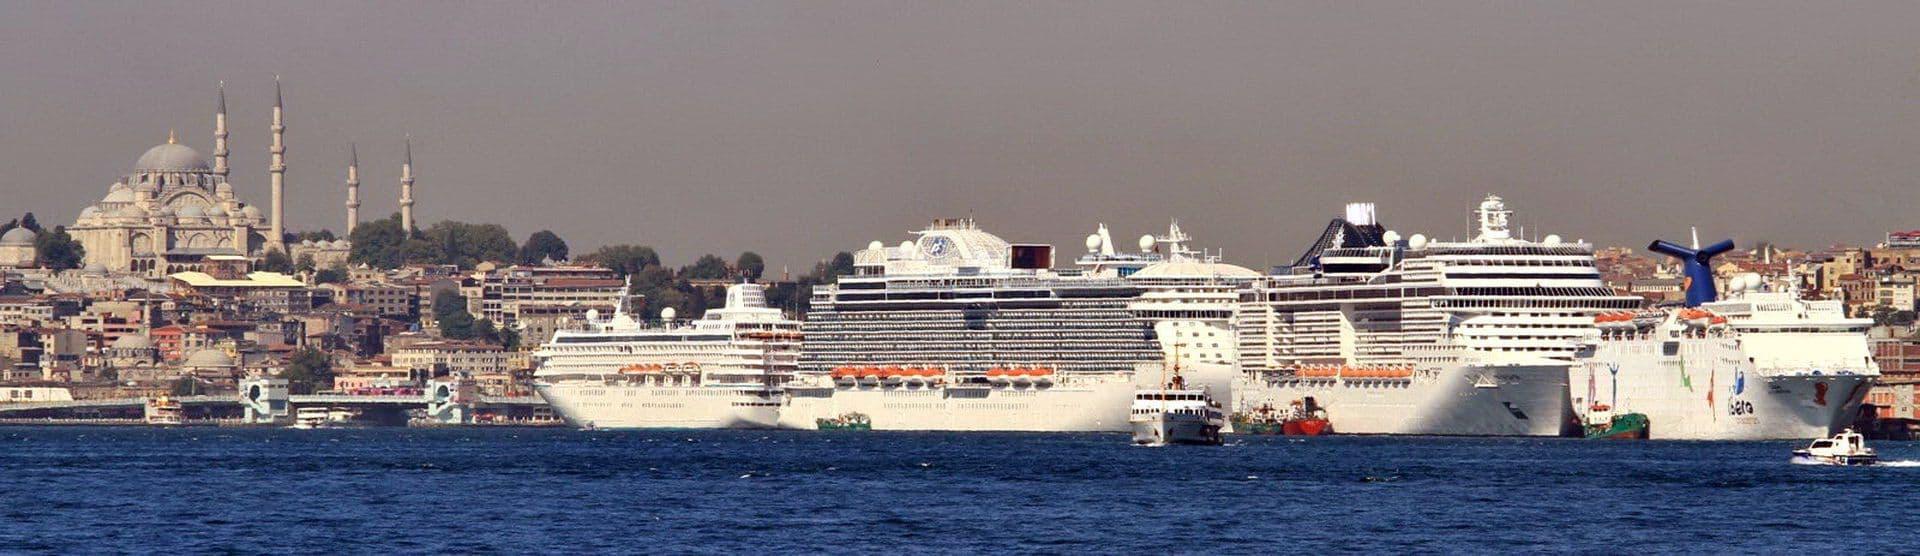 Порт Стамбула готовится к возрождению и приёму круизных лайнеров